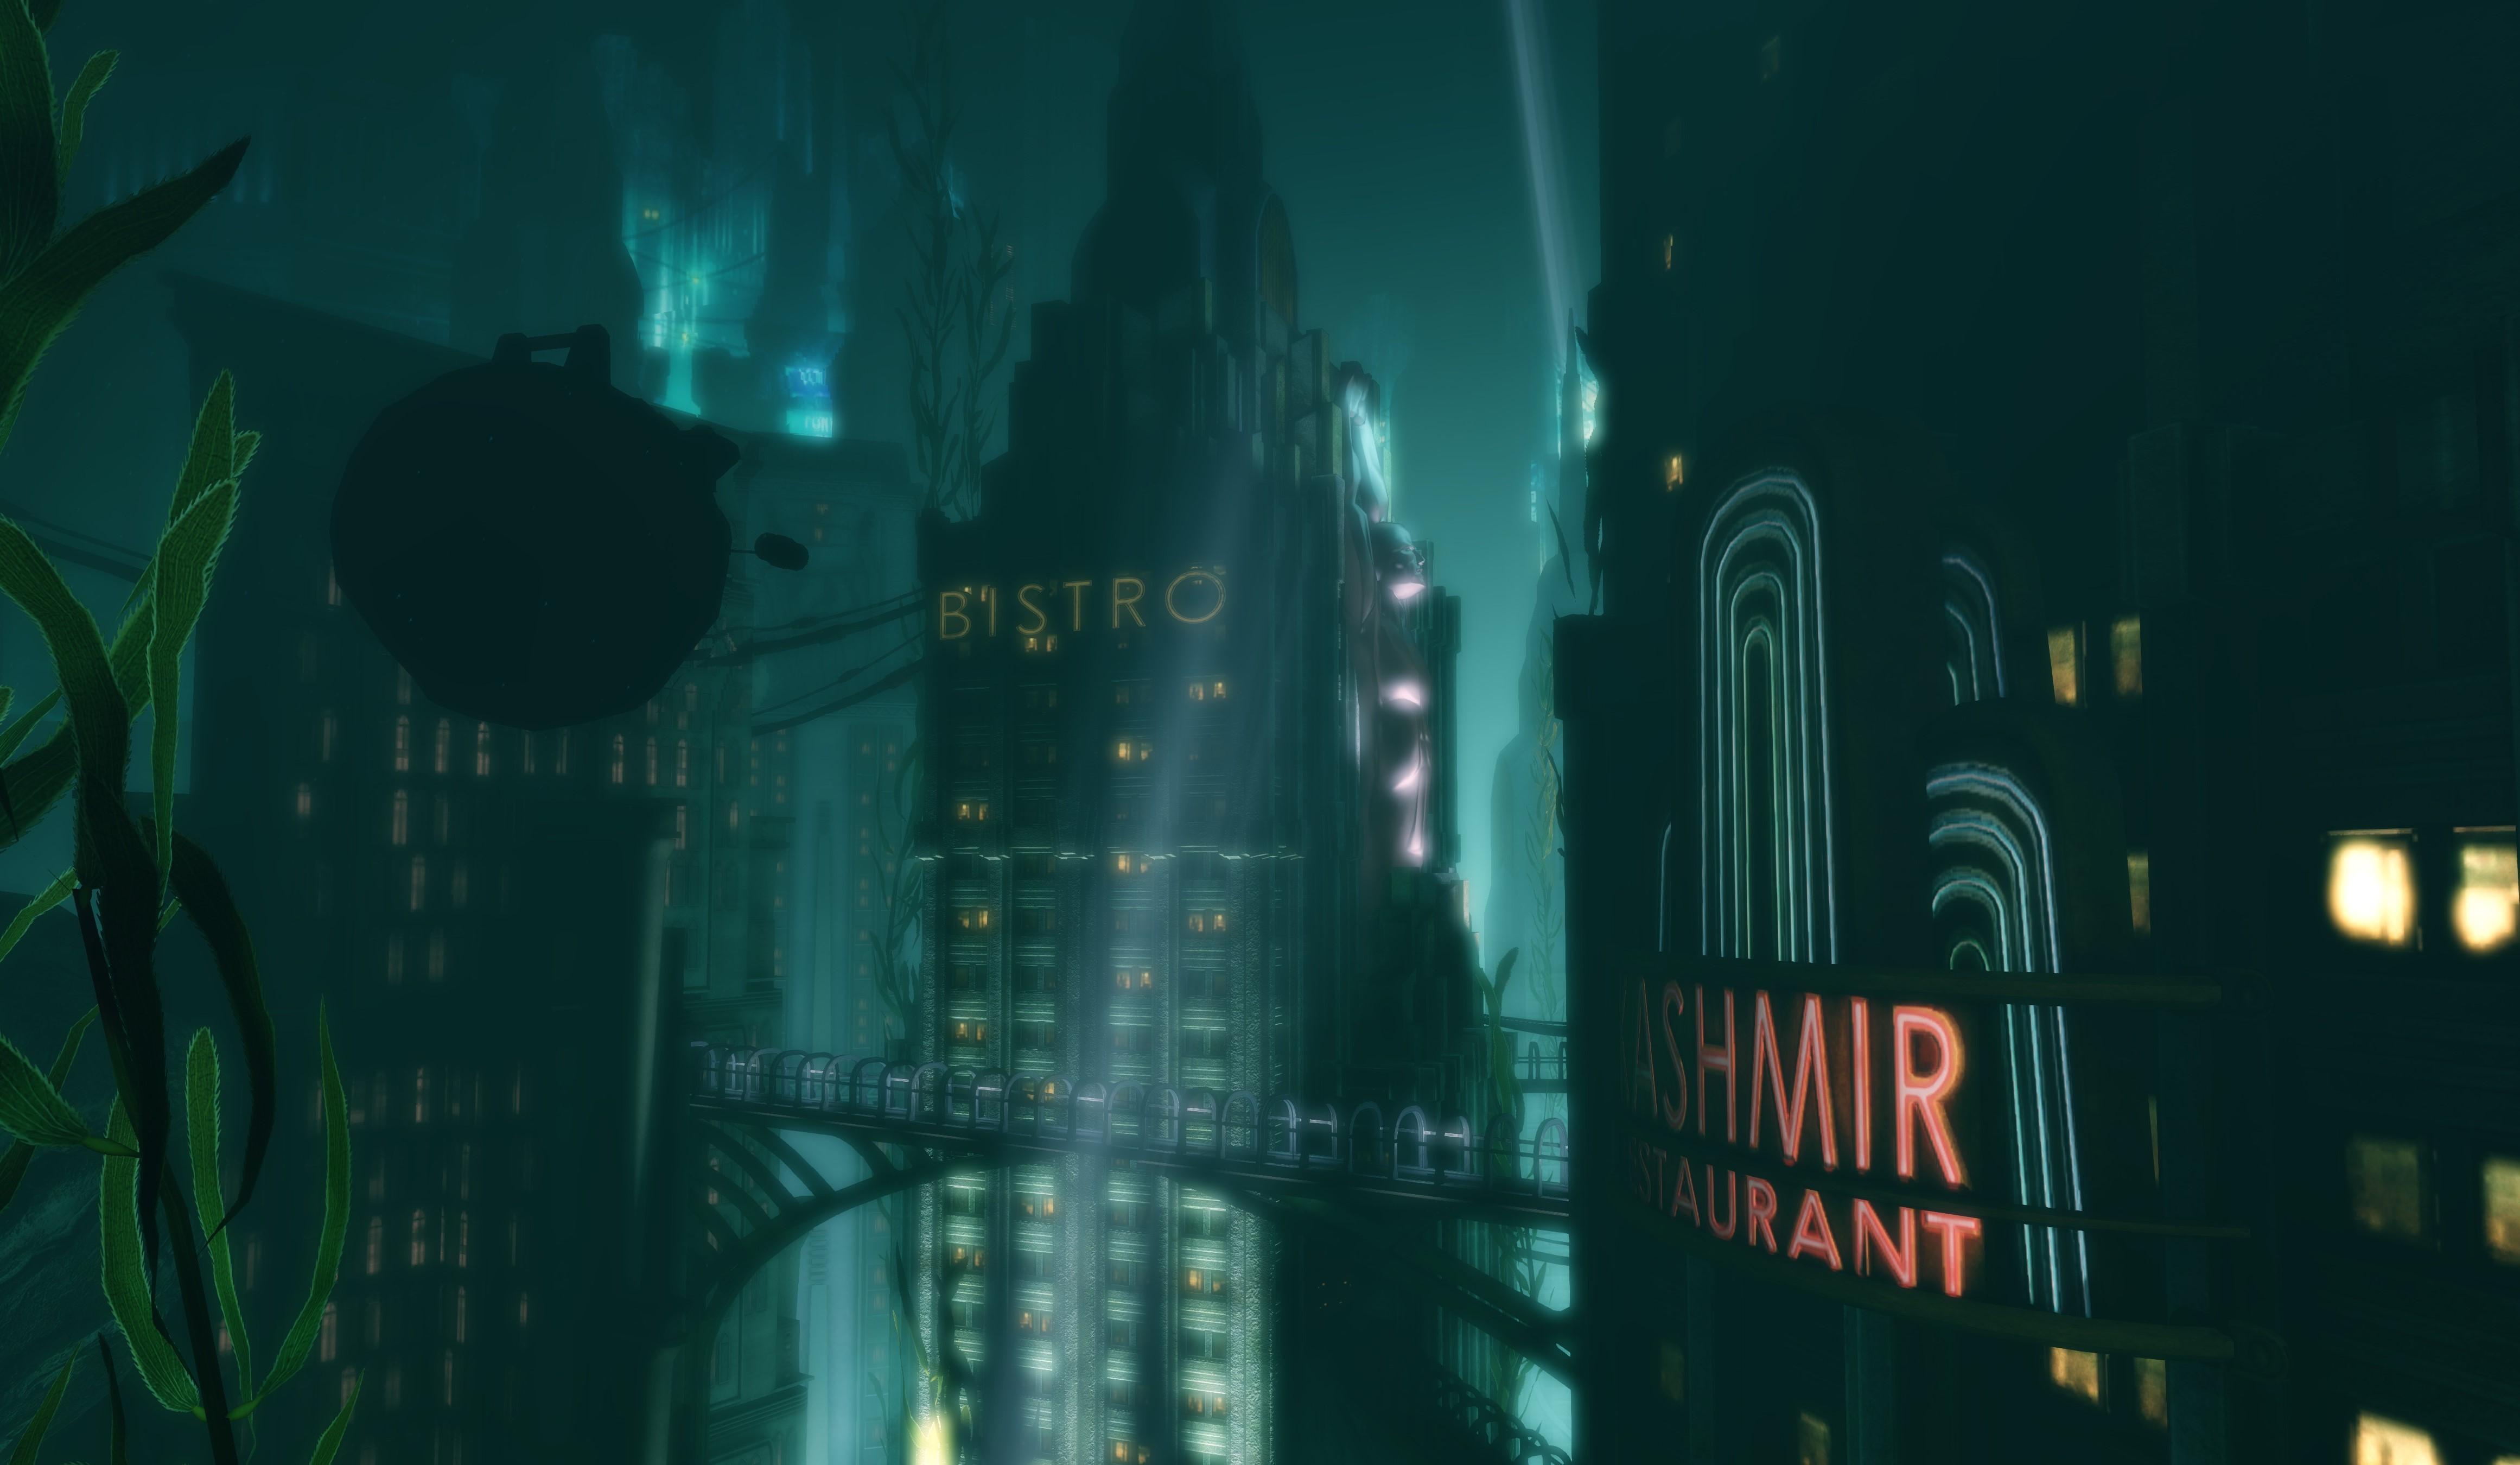 BioShock Infinite Submarine Underwater Laptop HD